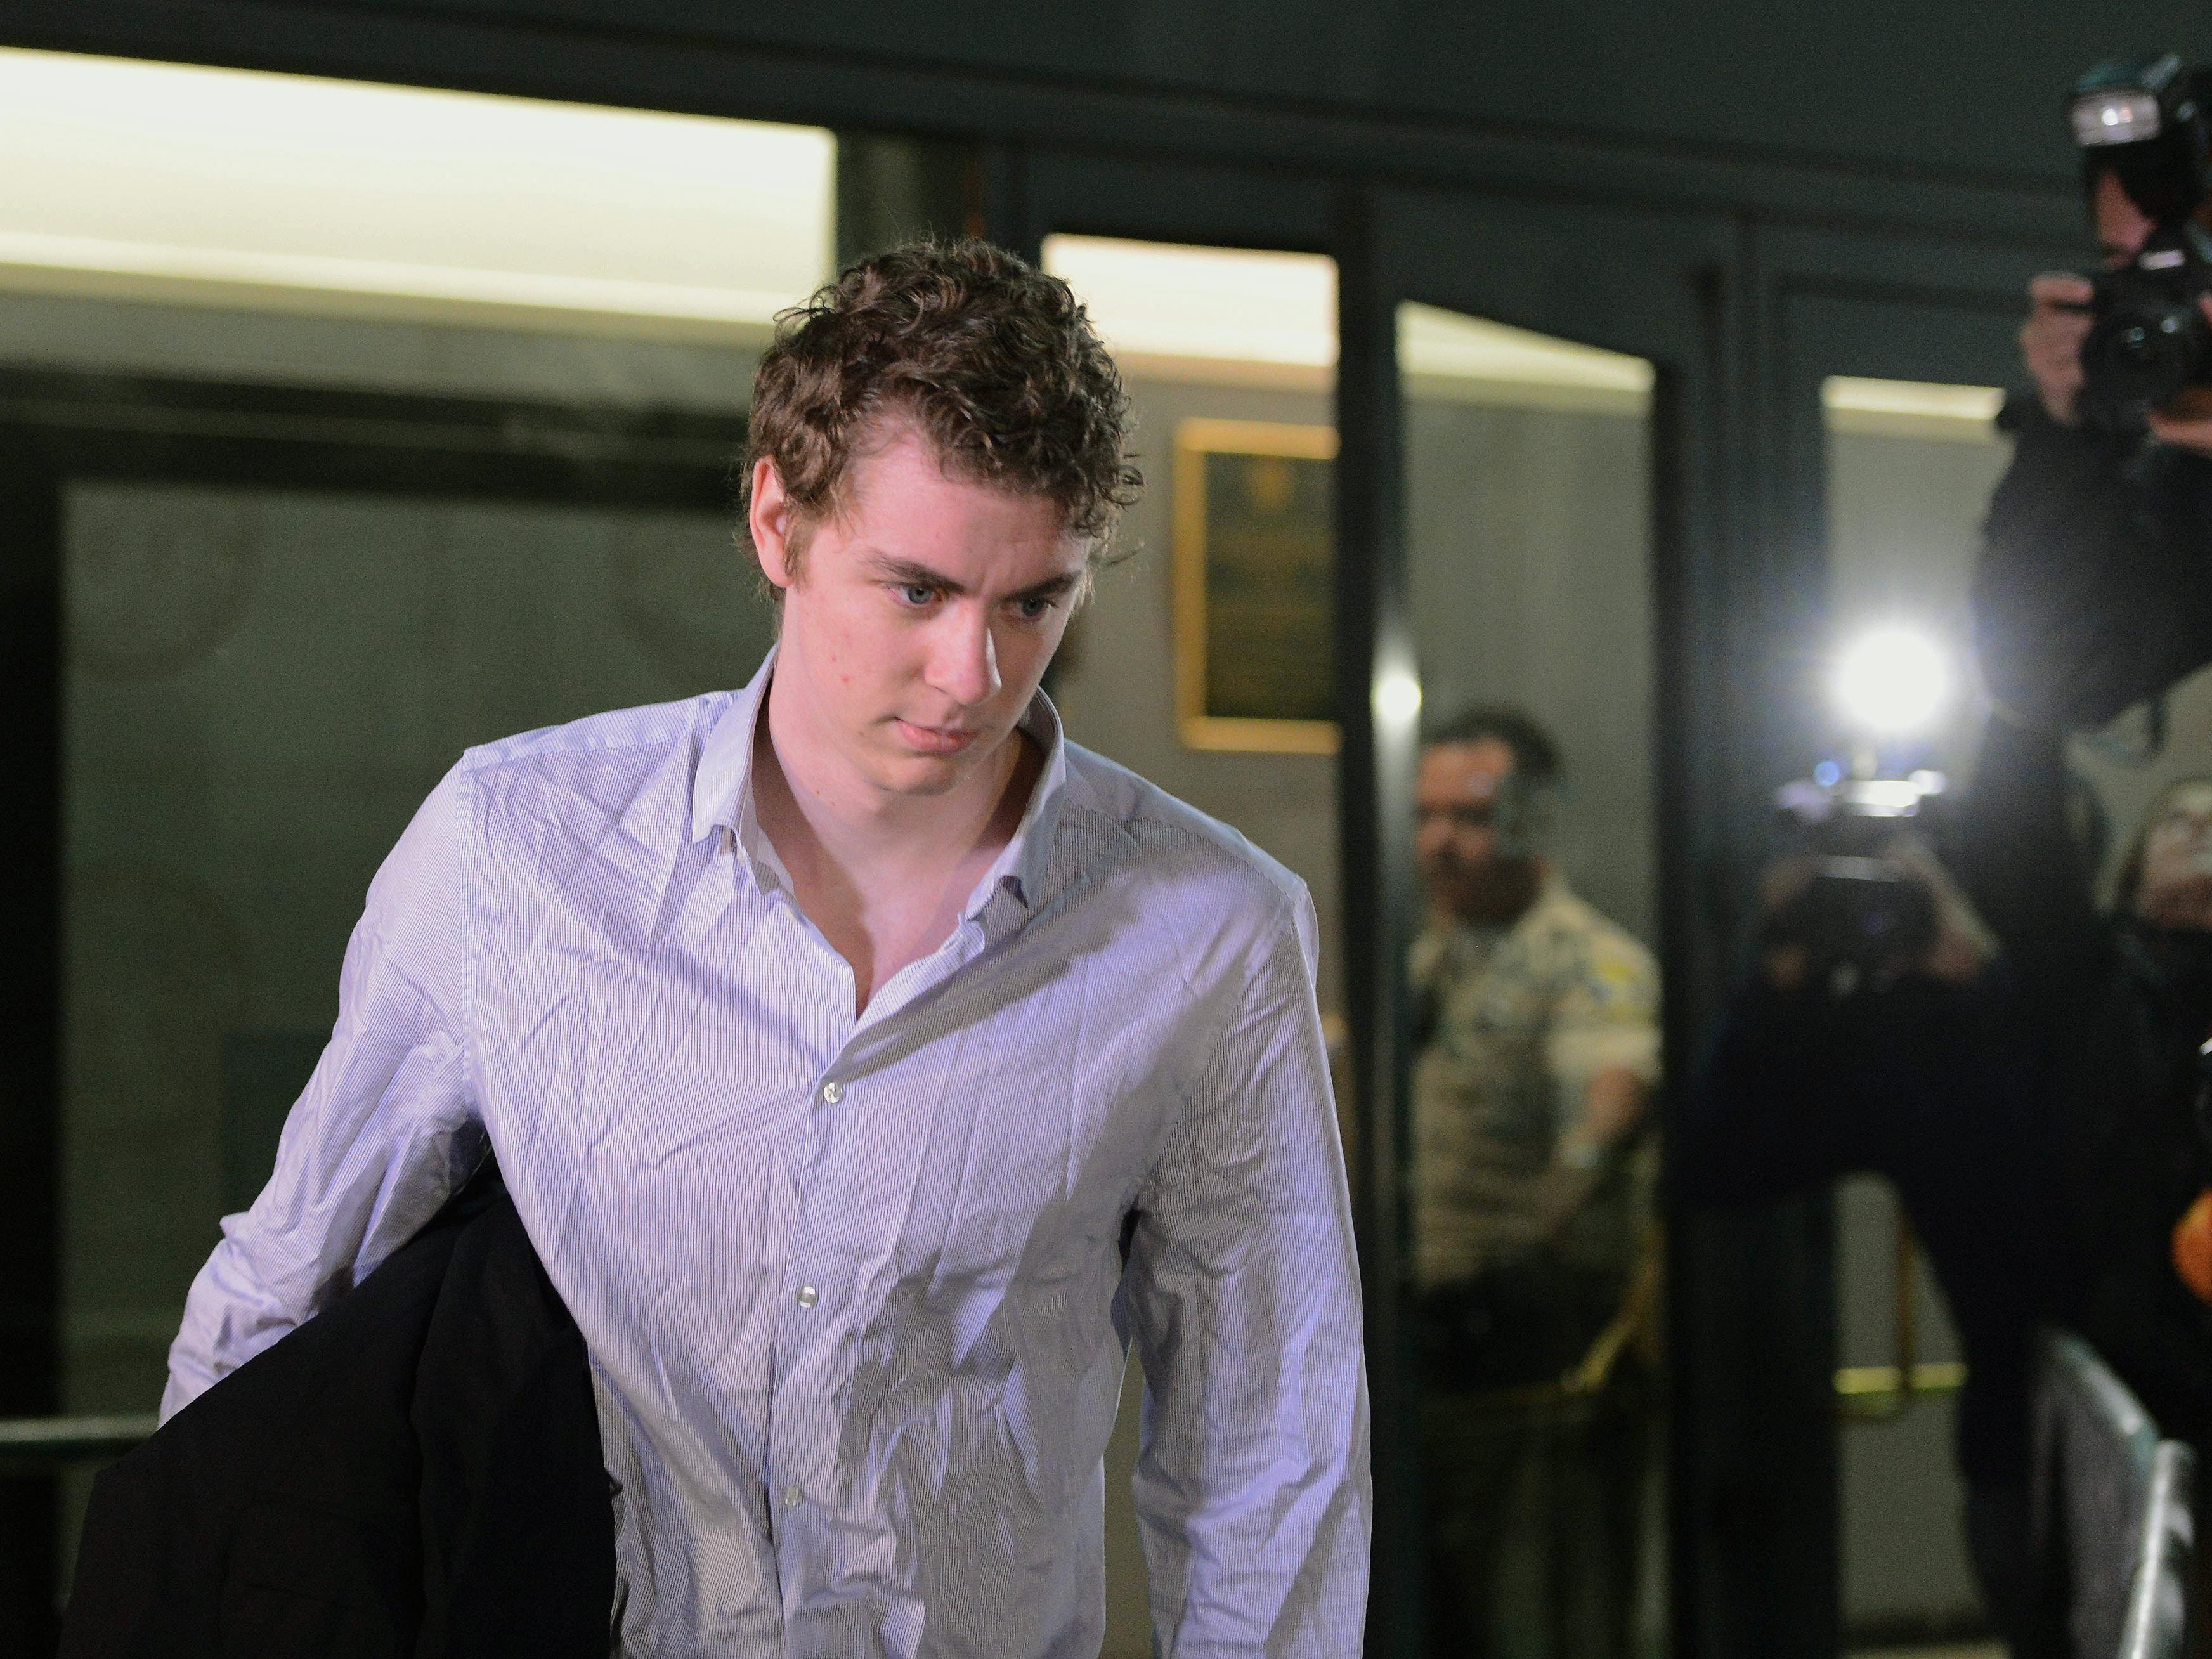 Der Ex-Stanford-Student Brock Turner wurde nach 90 Tagen entlassen